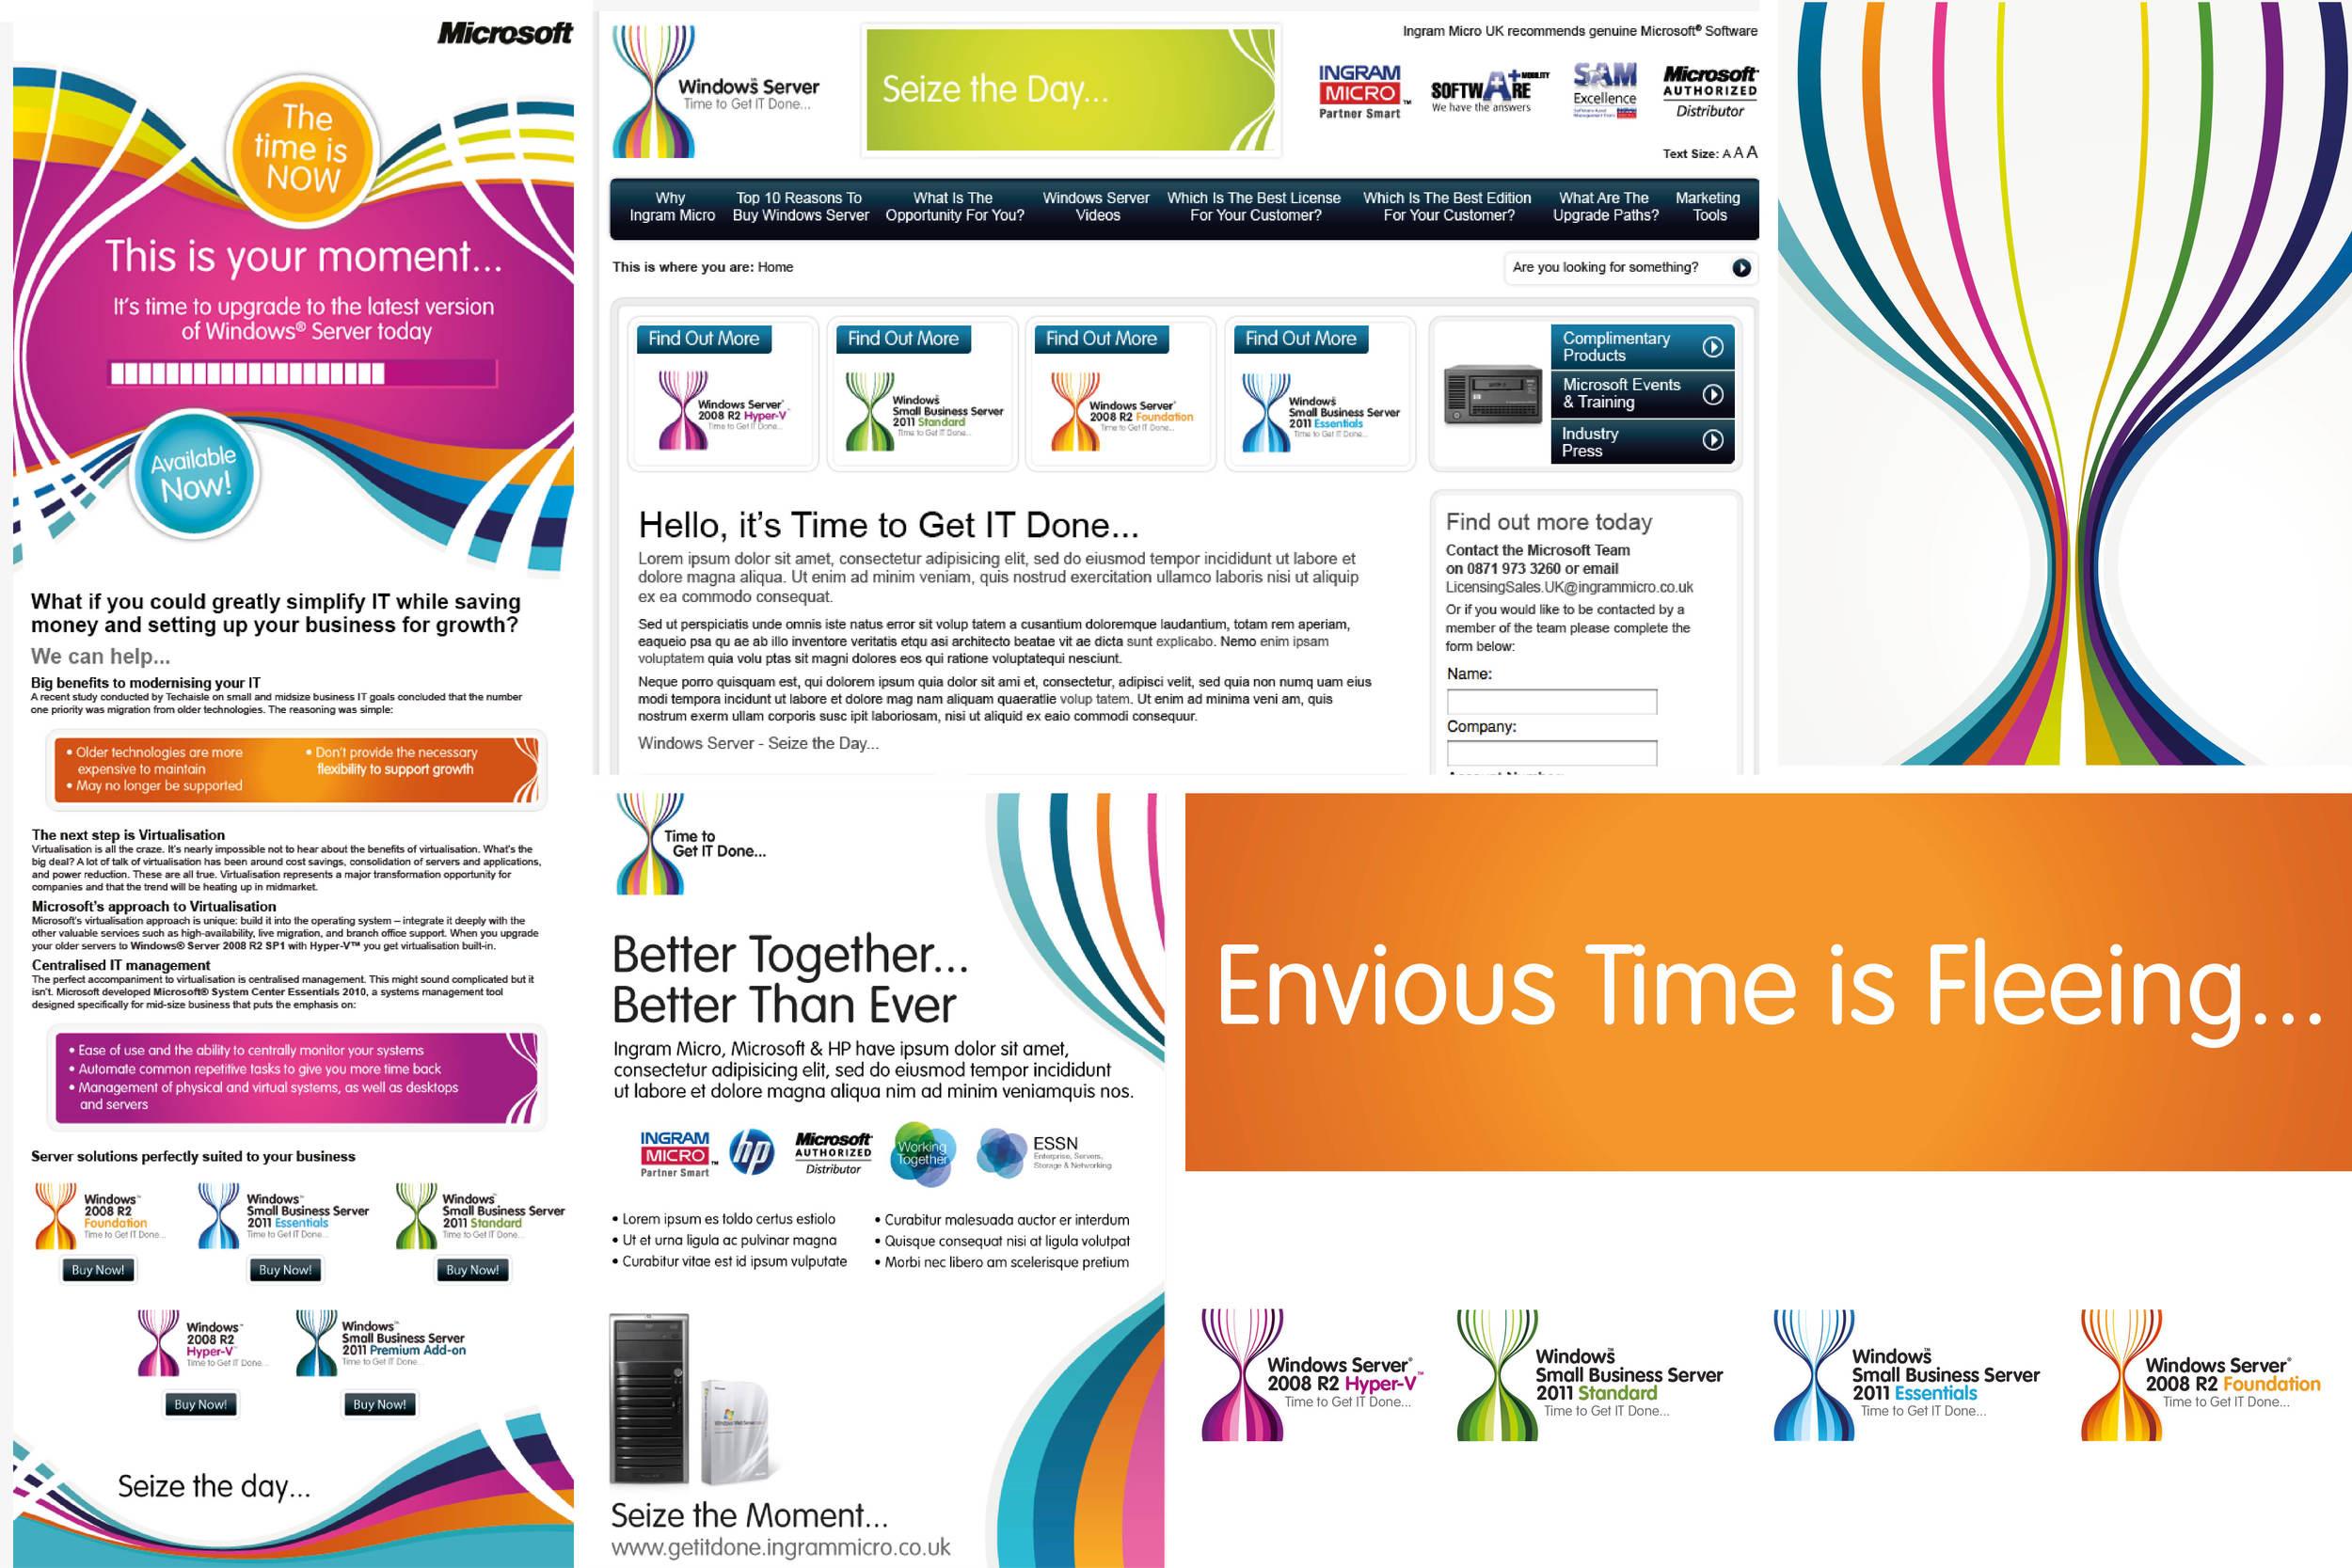 Campaigns Grid WSjpg.jpg